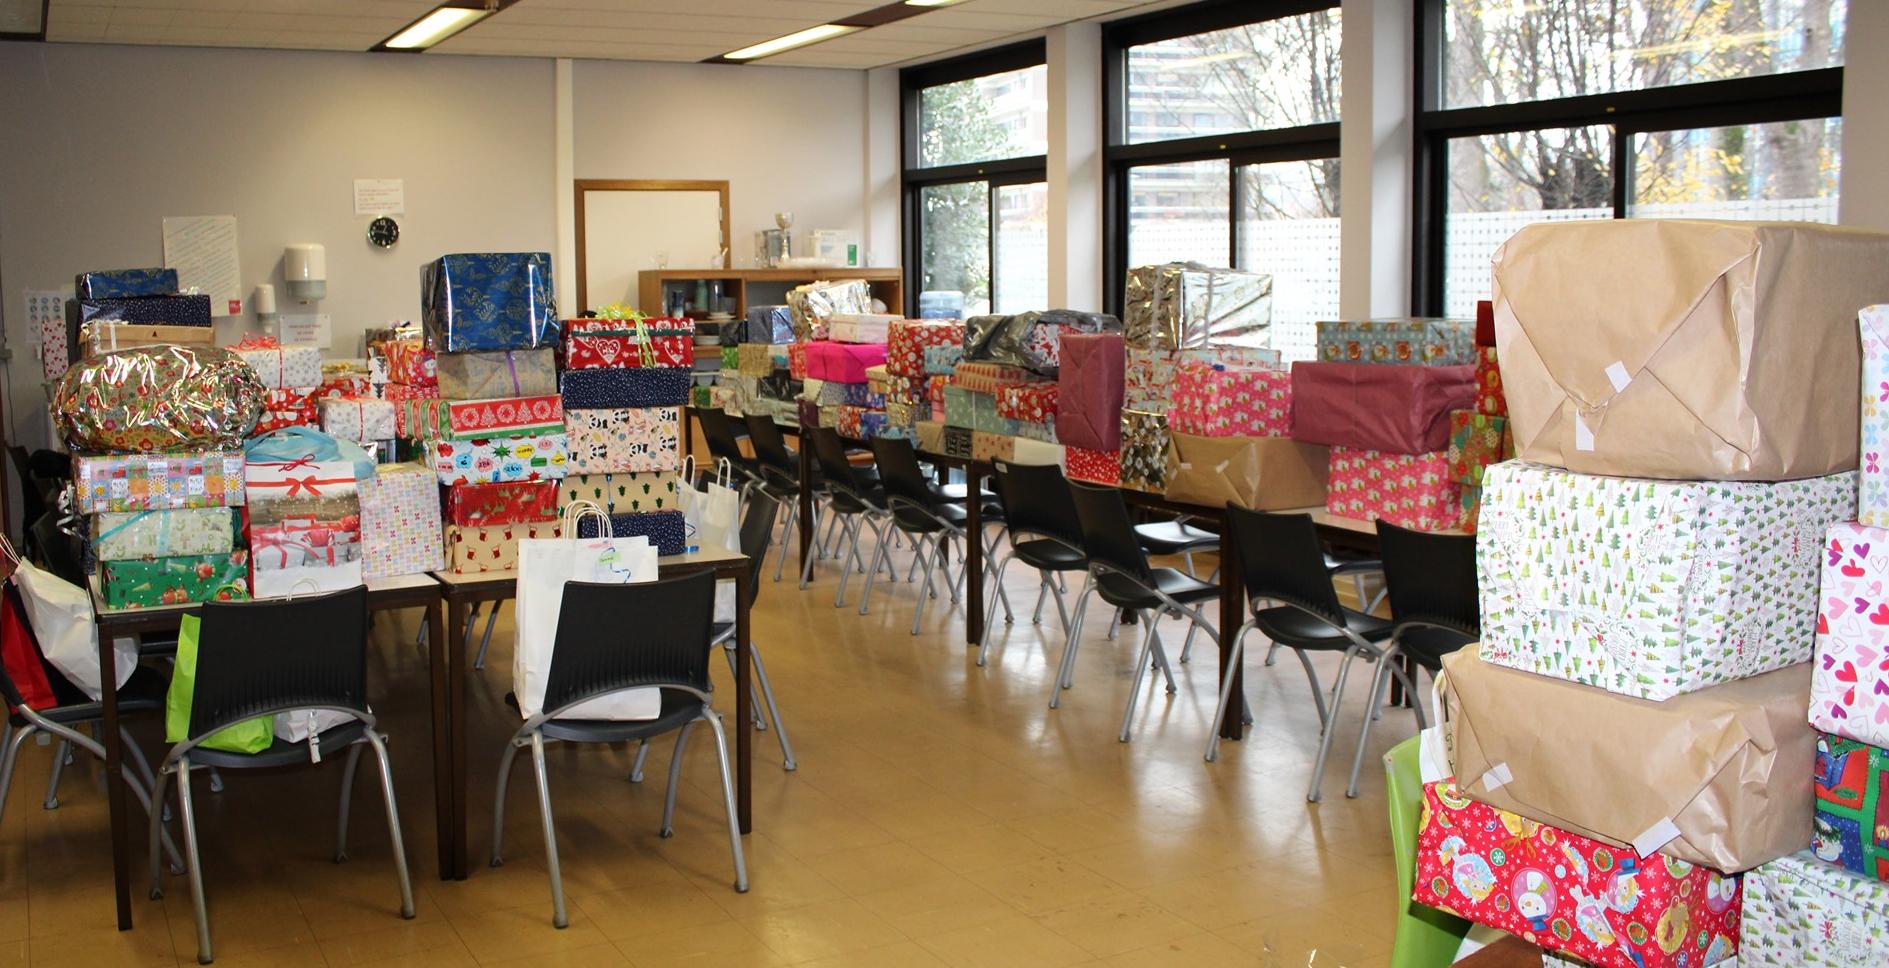 Nos élèves ont collecté 485 boîtes cadeaux pour les démunis !